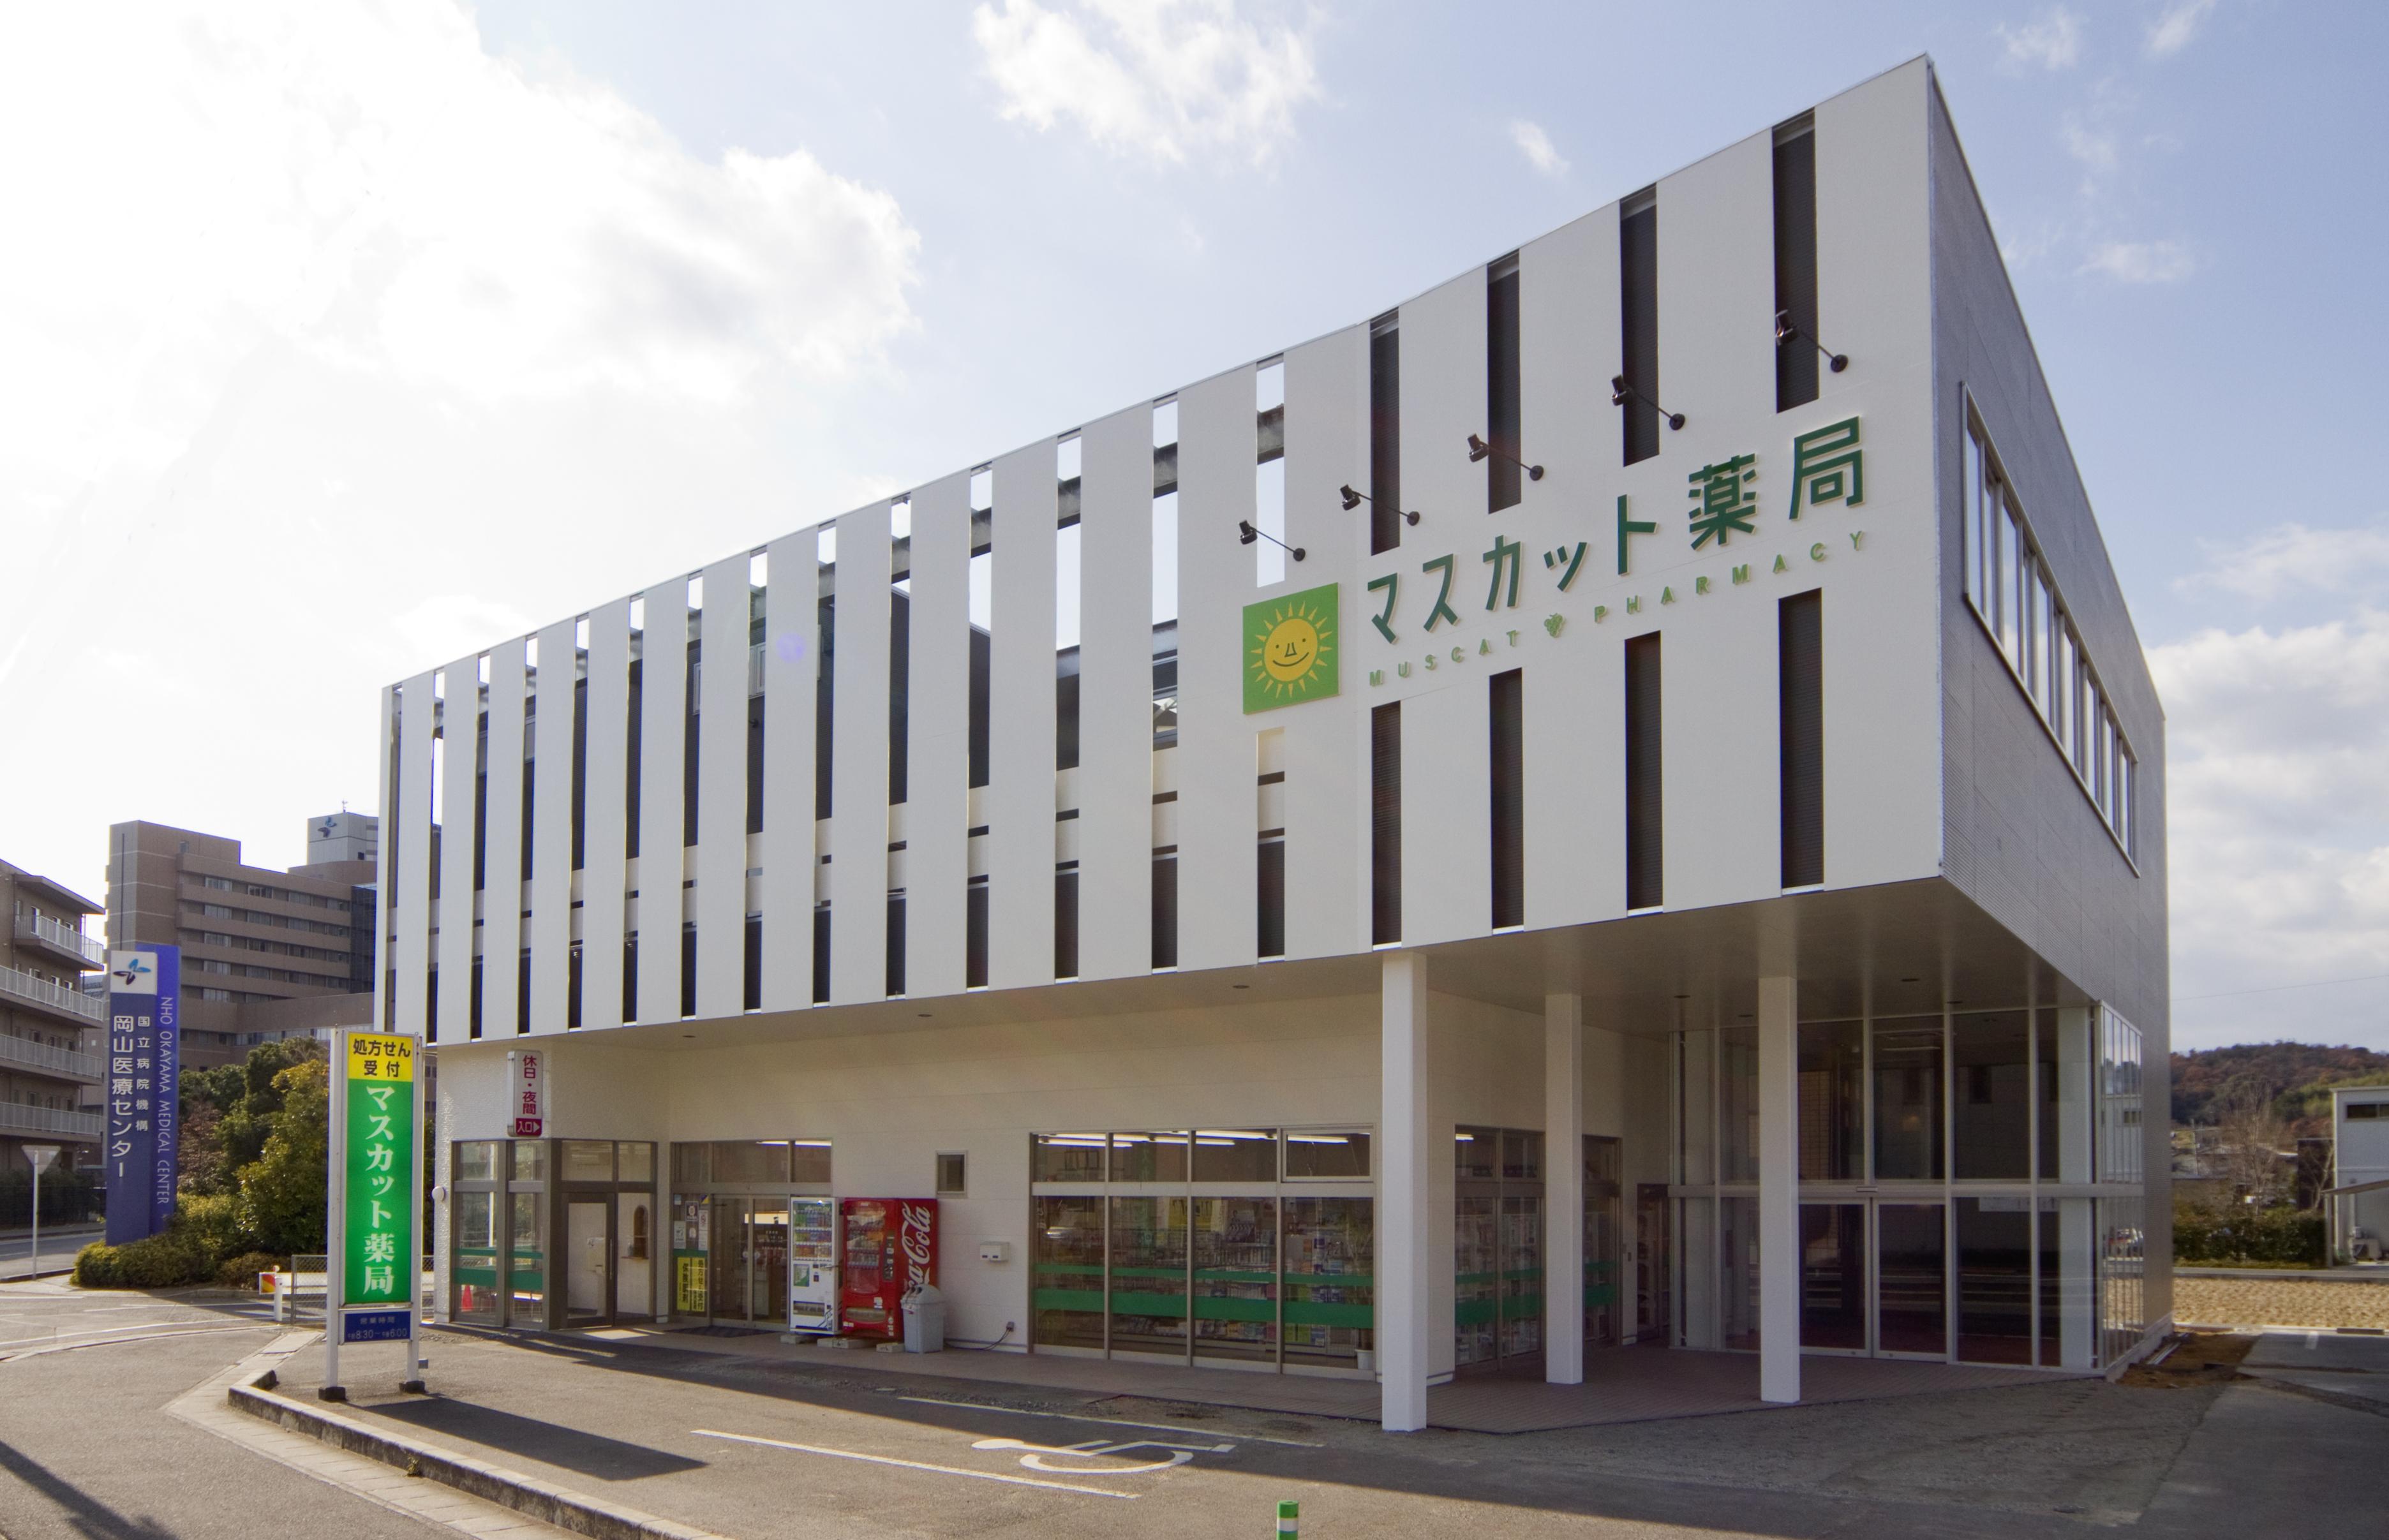 岡山で初めてISO26000に準拠したCSRレポートを発行した「マスカット薬局」